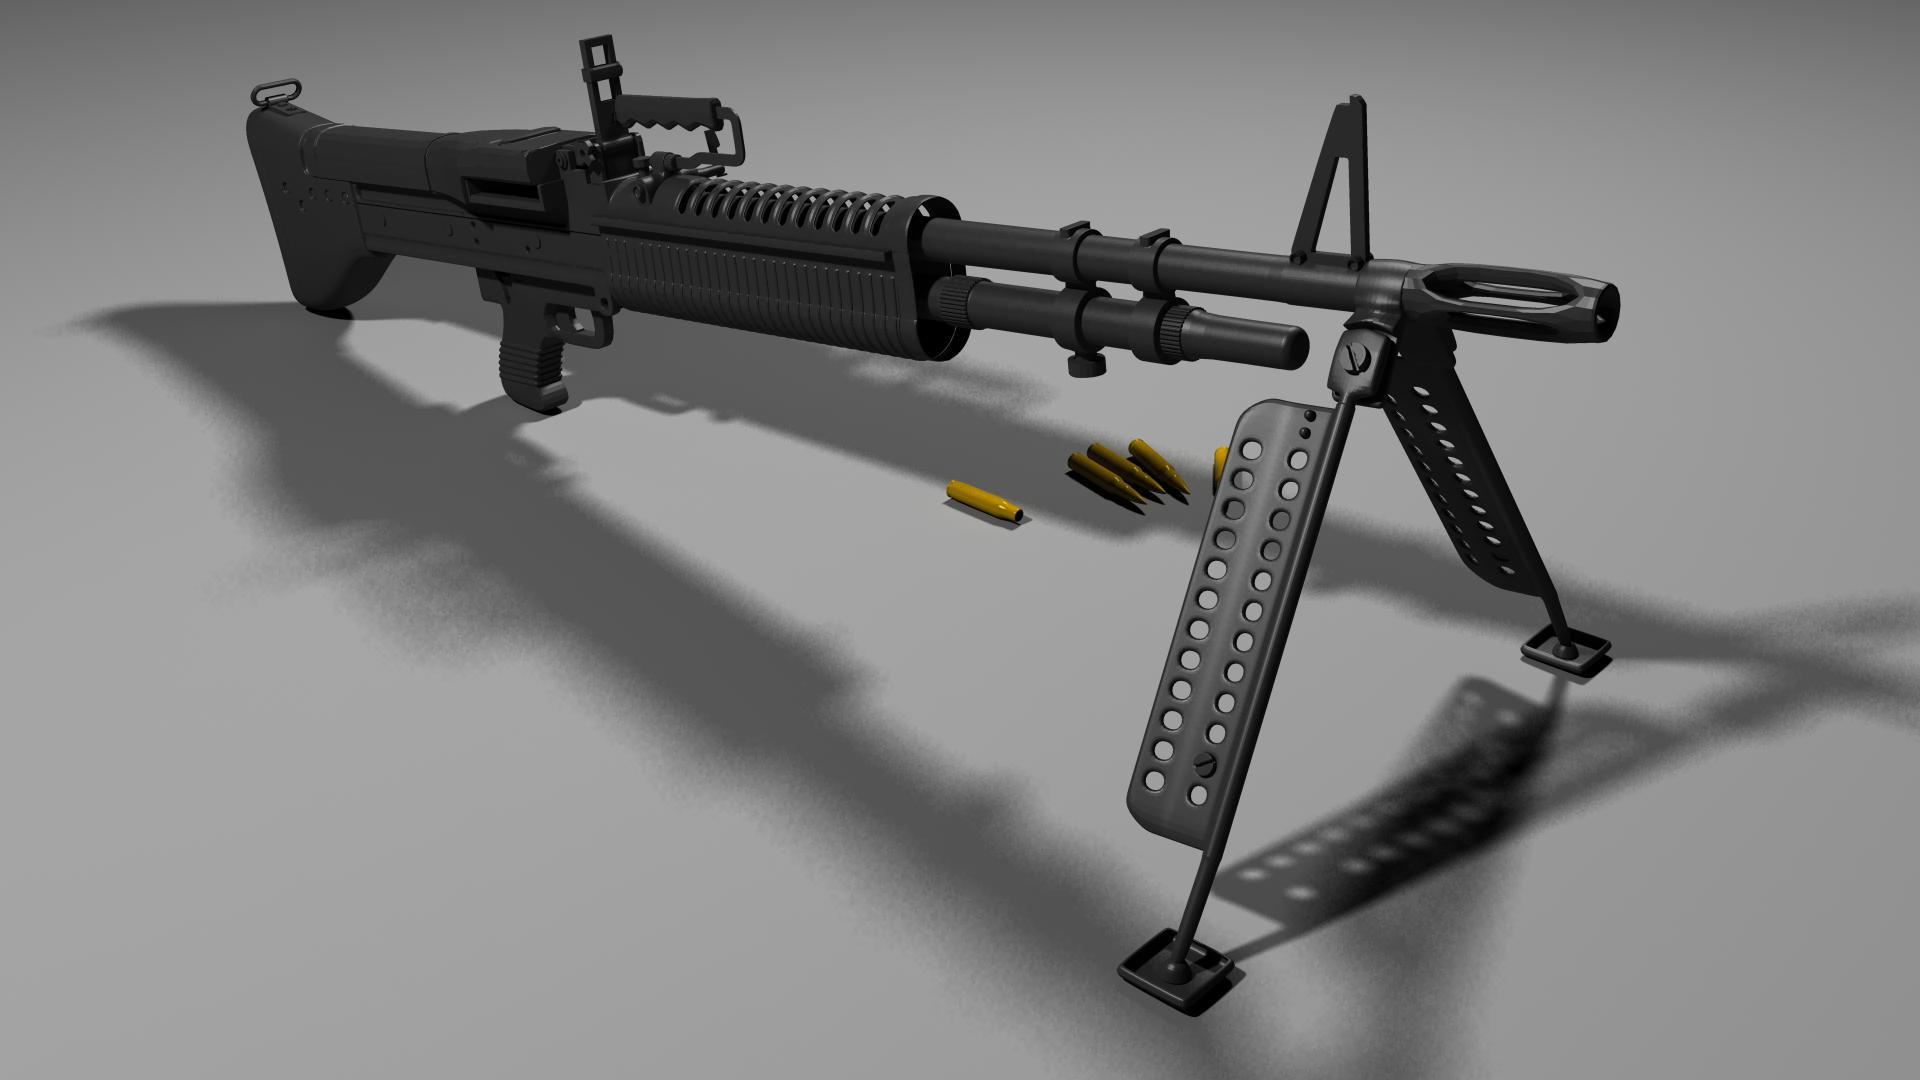 Guns Wallpapers desktop machine gun wallpapers high quality 2014 .